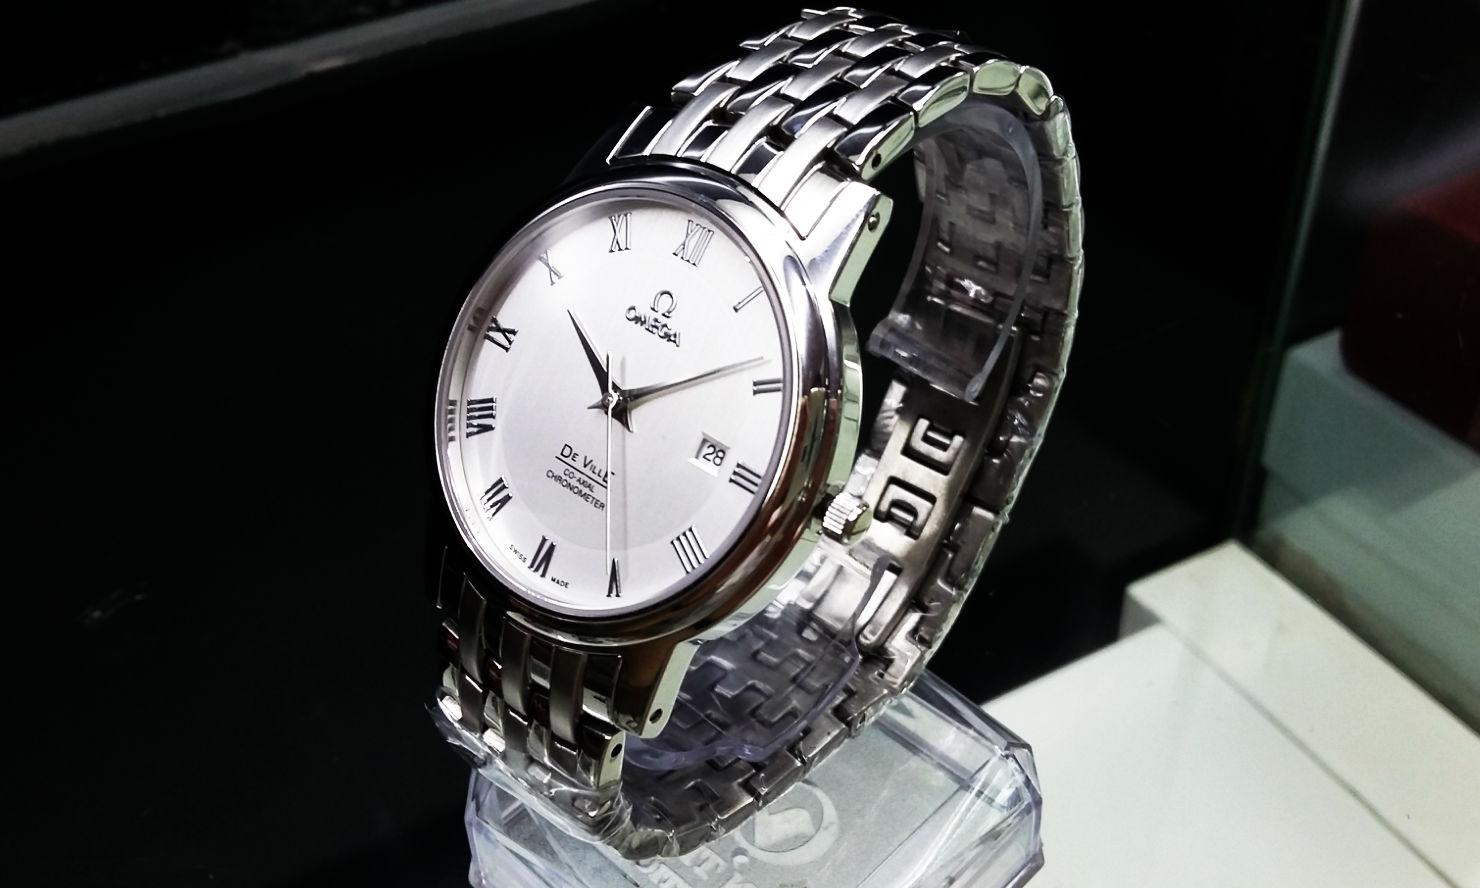 Tiêu chíchọn lựa thương hiệu đồng hồ - nên mua đồng hồ hãng nào ?